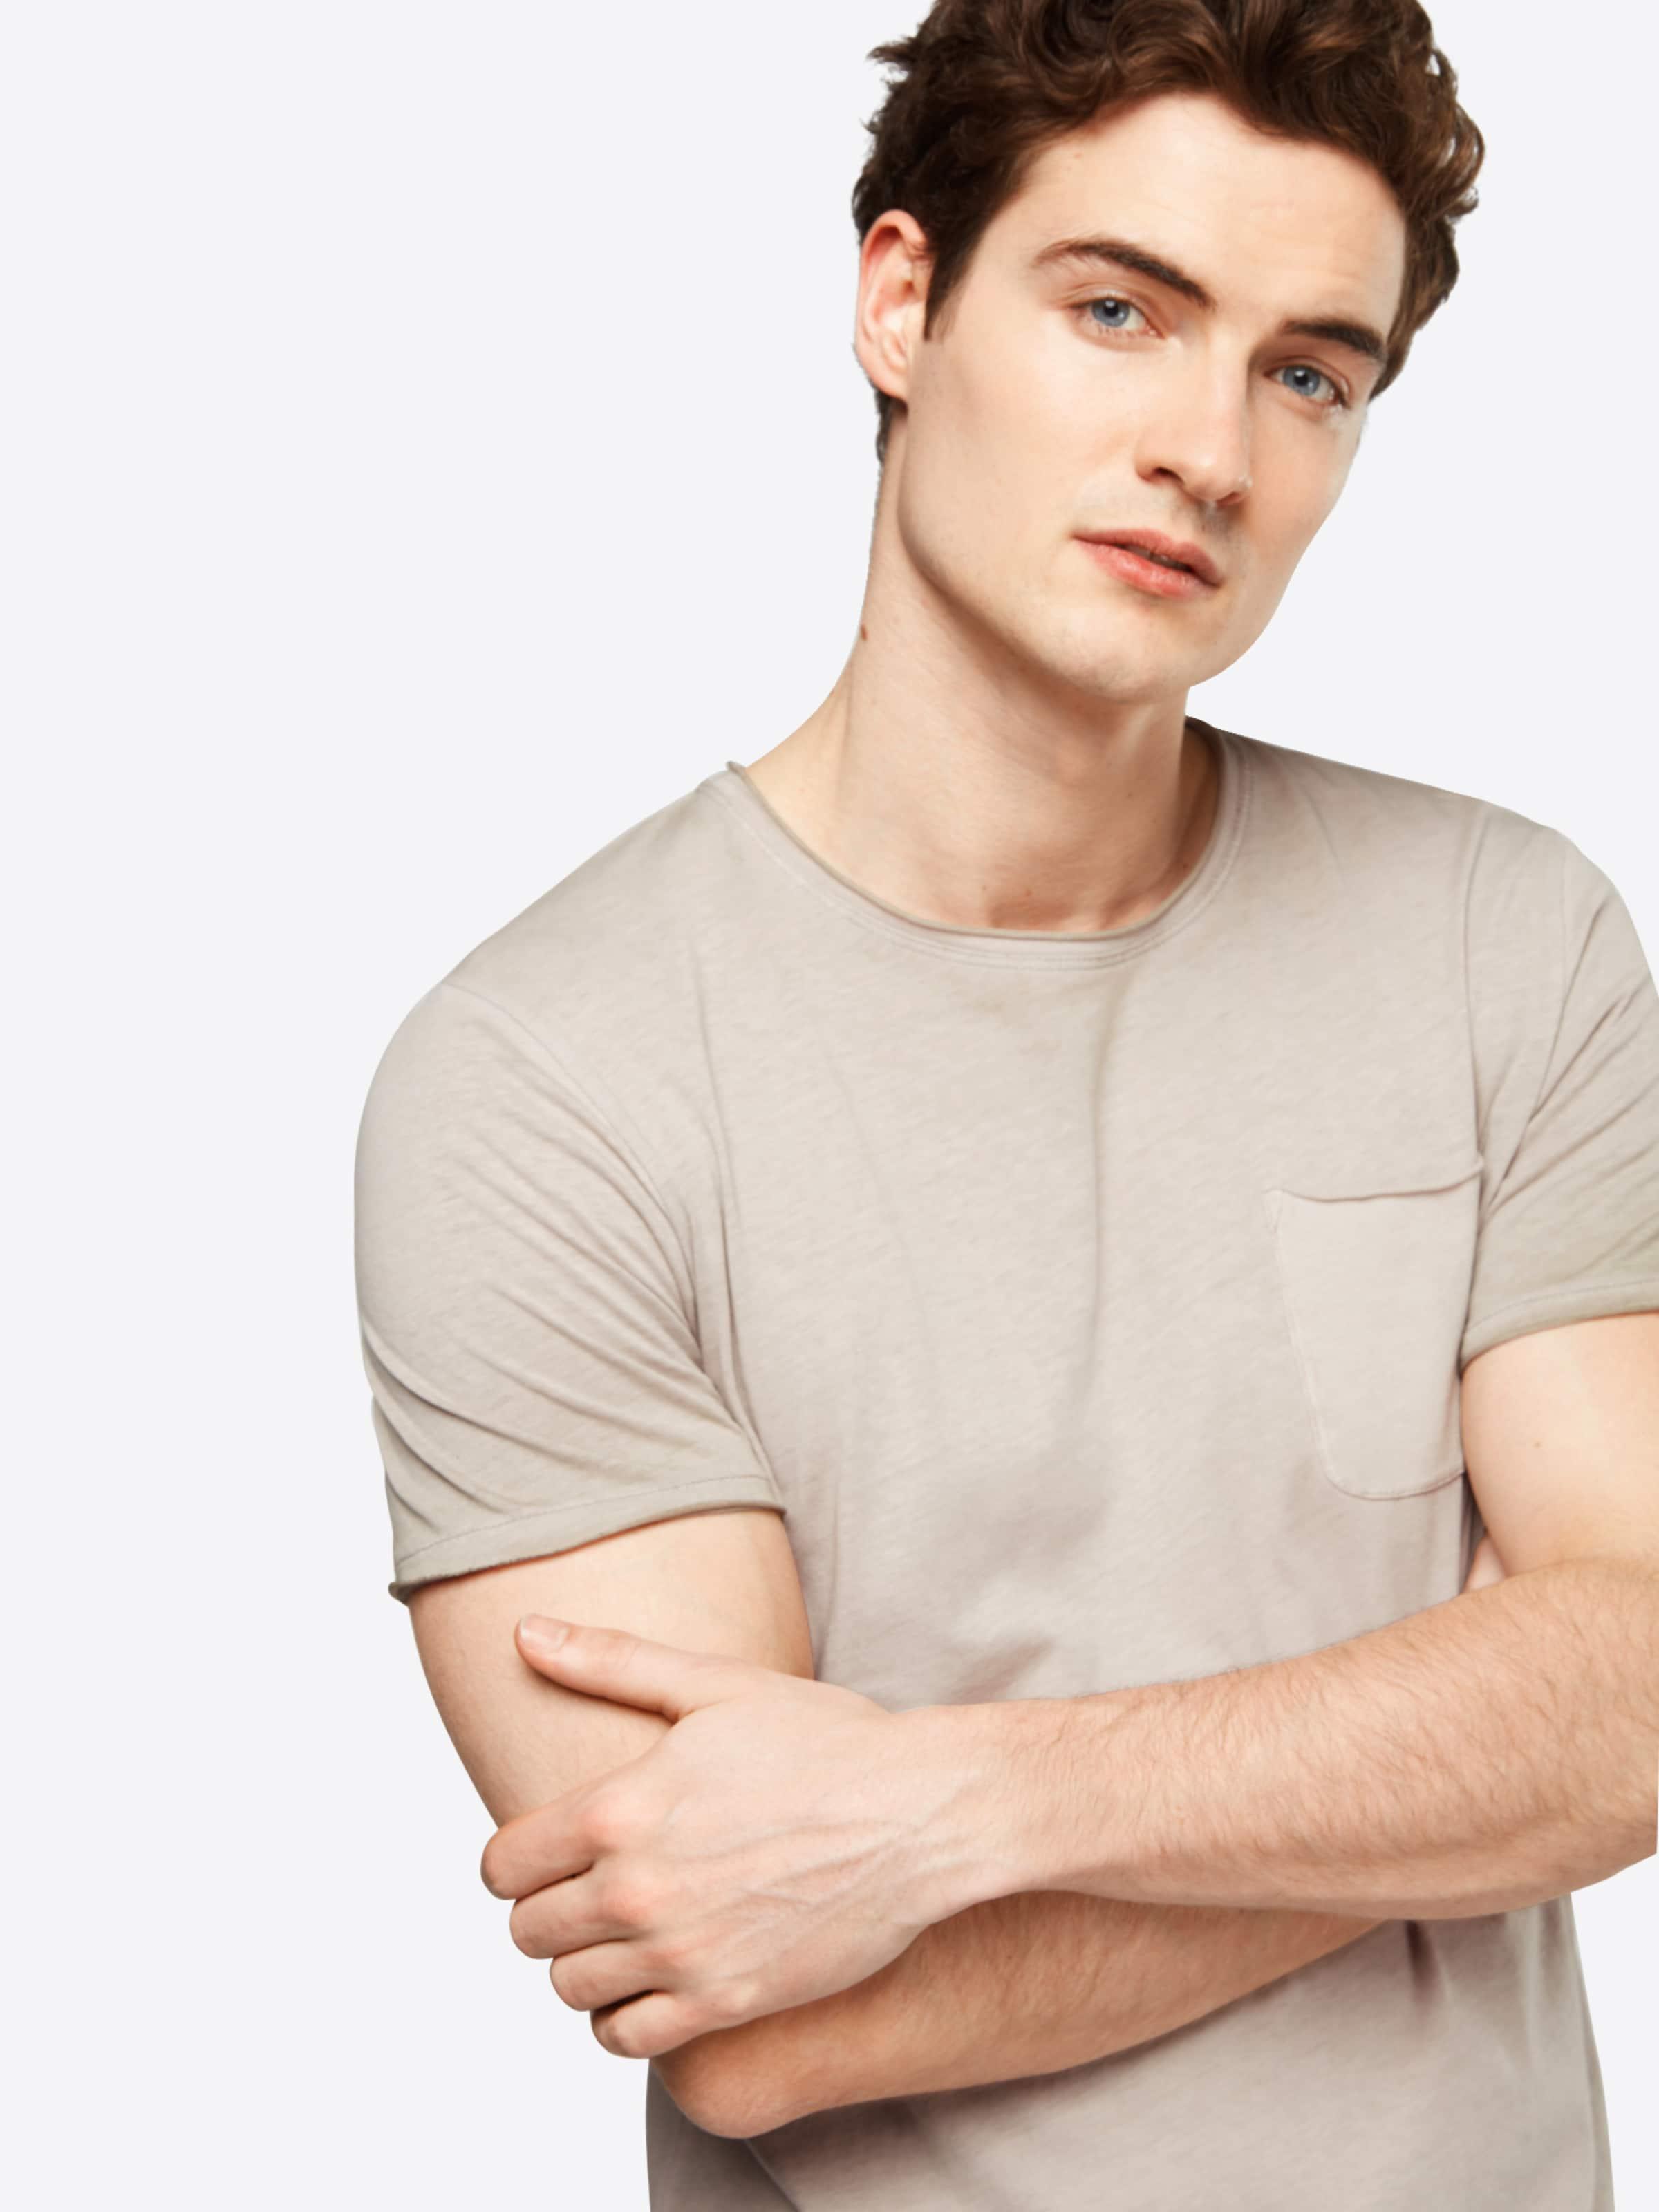 Offiziell Bester Verkauf Zum Verkauf JACK & JONES T-Shirt 'JORJACK SS CREW NECK NOOS' Verkauf In Mode Erhalten Online Kaufen 72CA6ObG